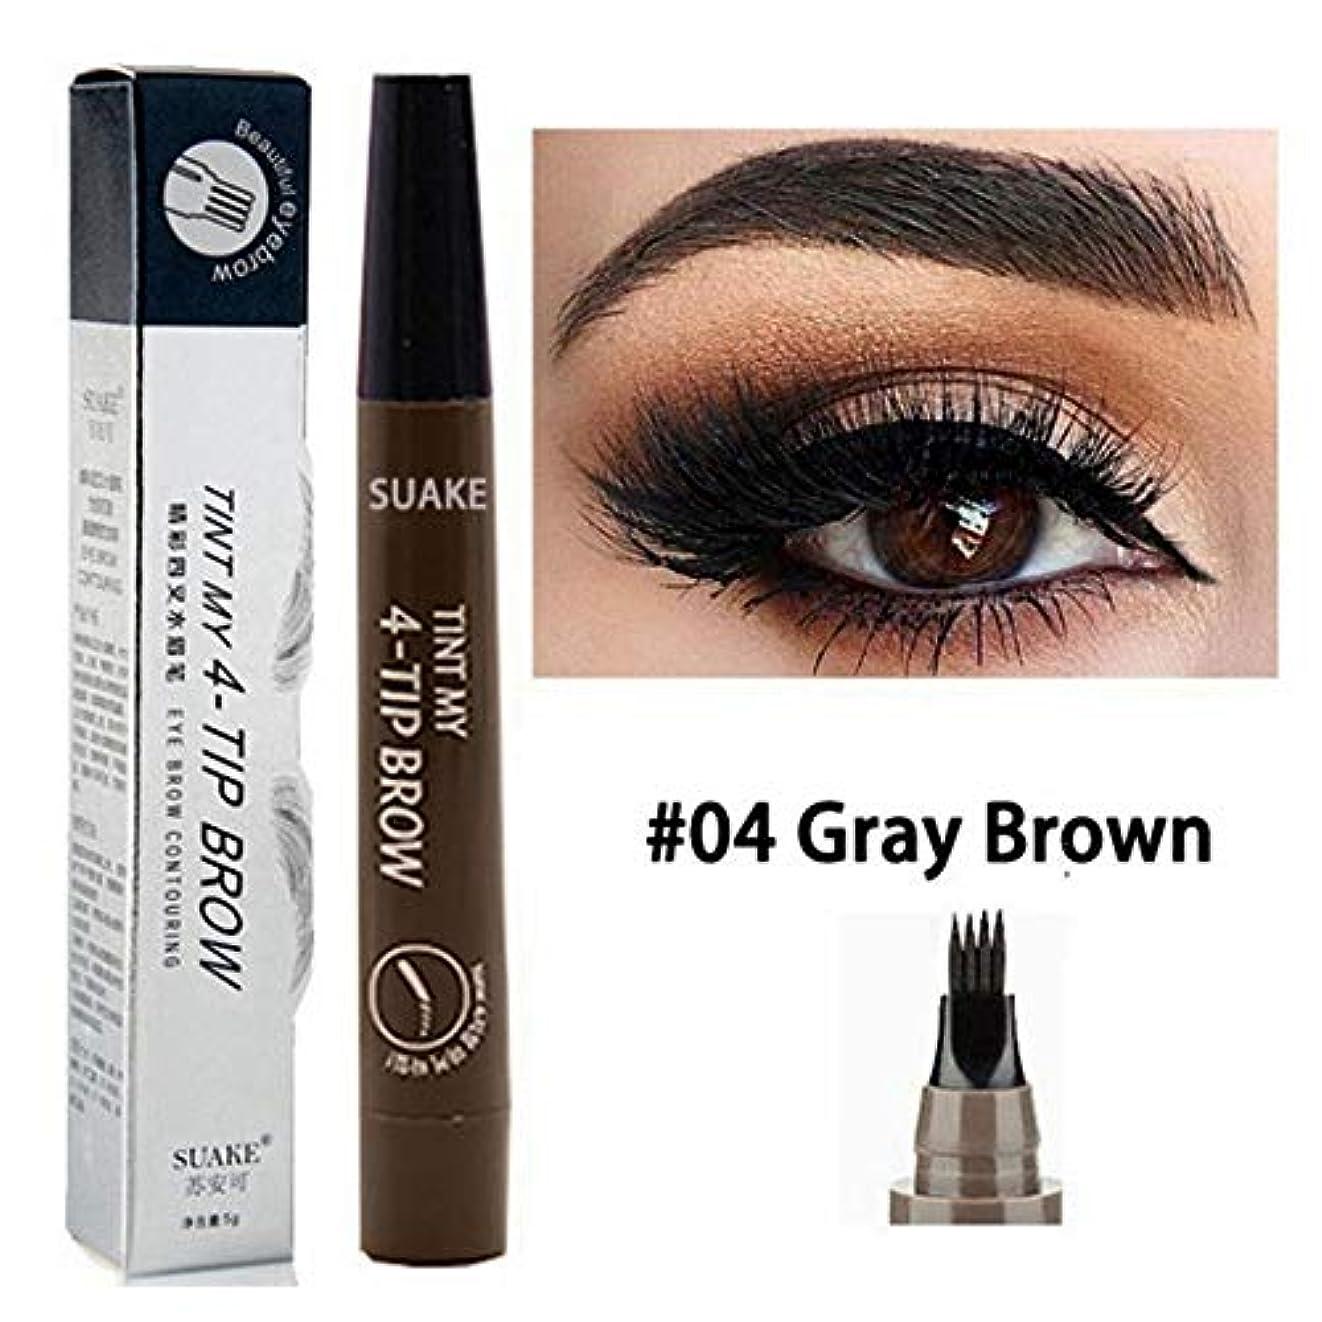 含む頬推測眉ペン防水フォークチップ眉毛タトゥーペンシルロングプロフェッショナルファインスケッチリキッドアイブロウペンシル (グレーブラウン)